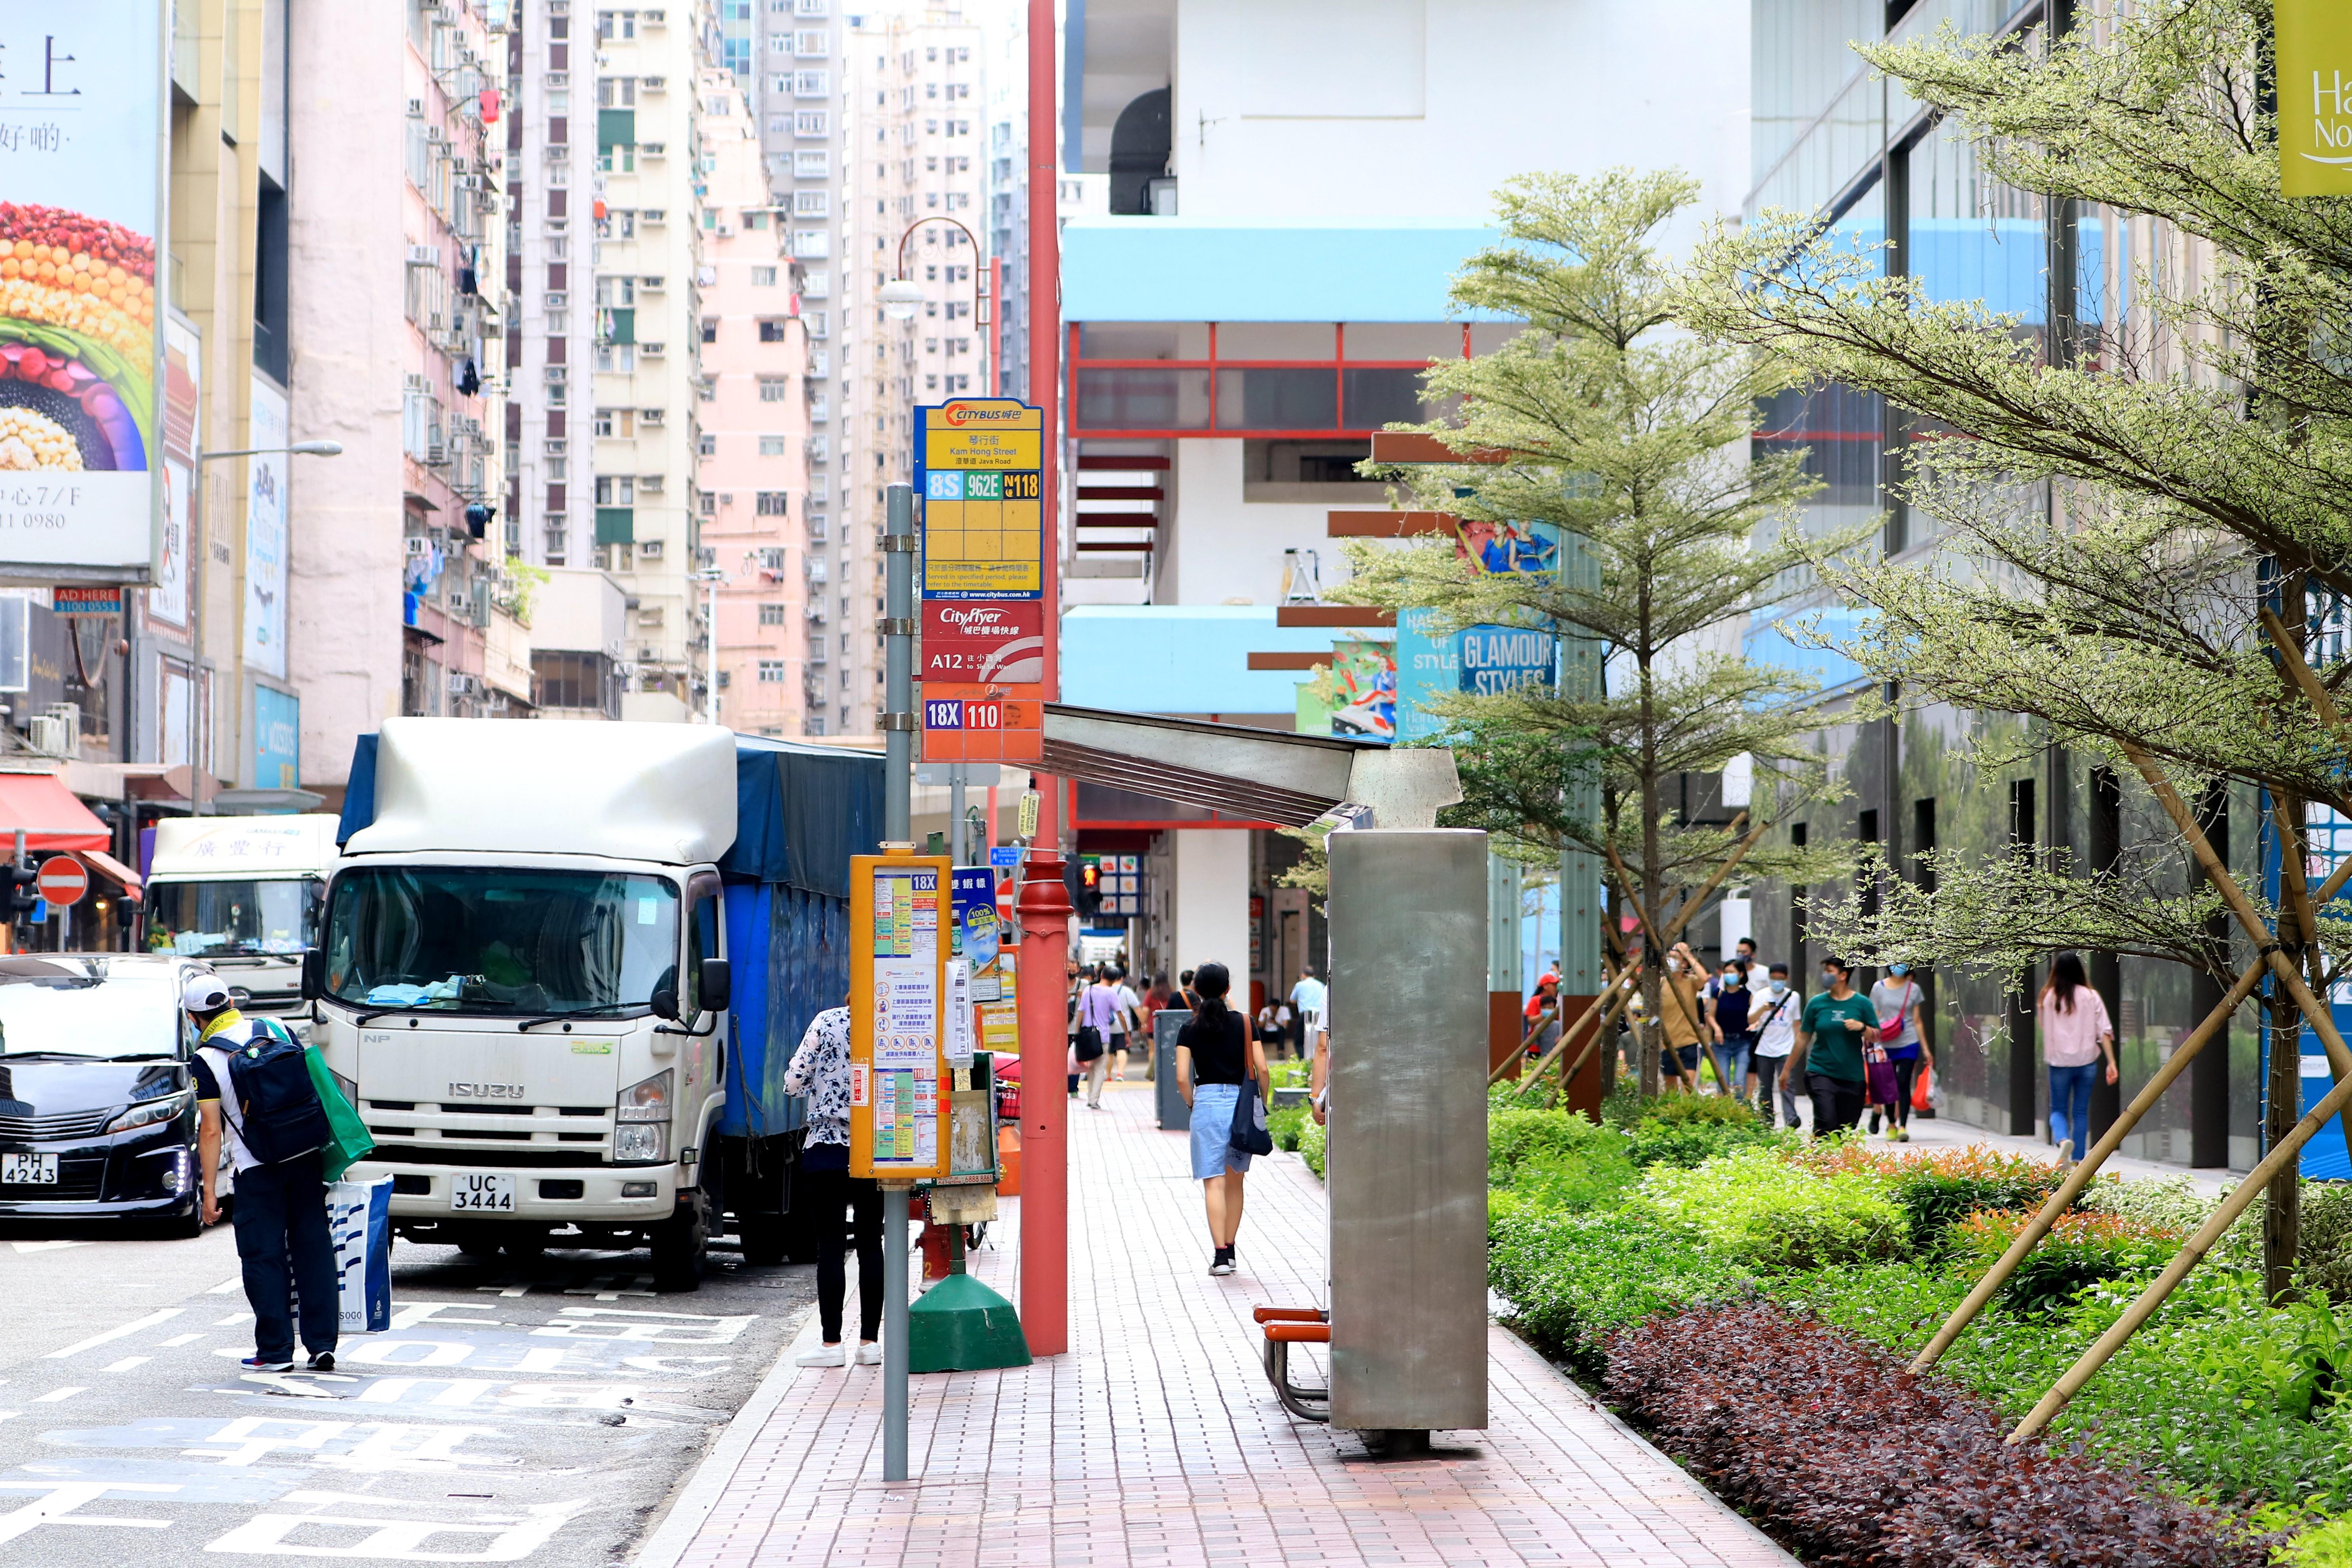 琴行街 (渣華道)